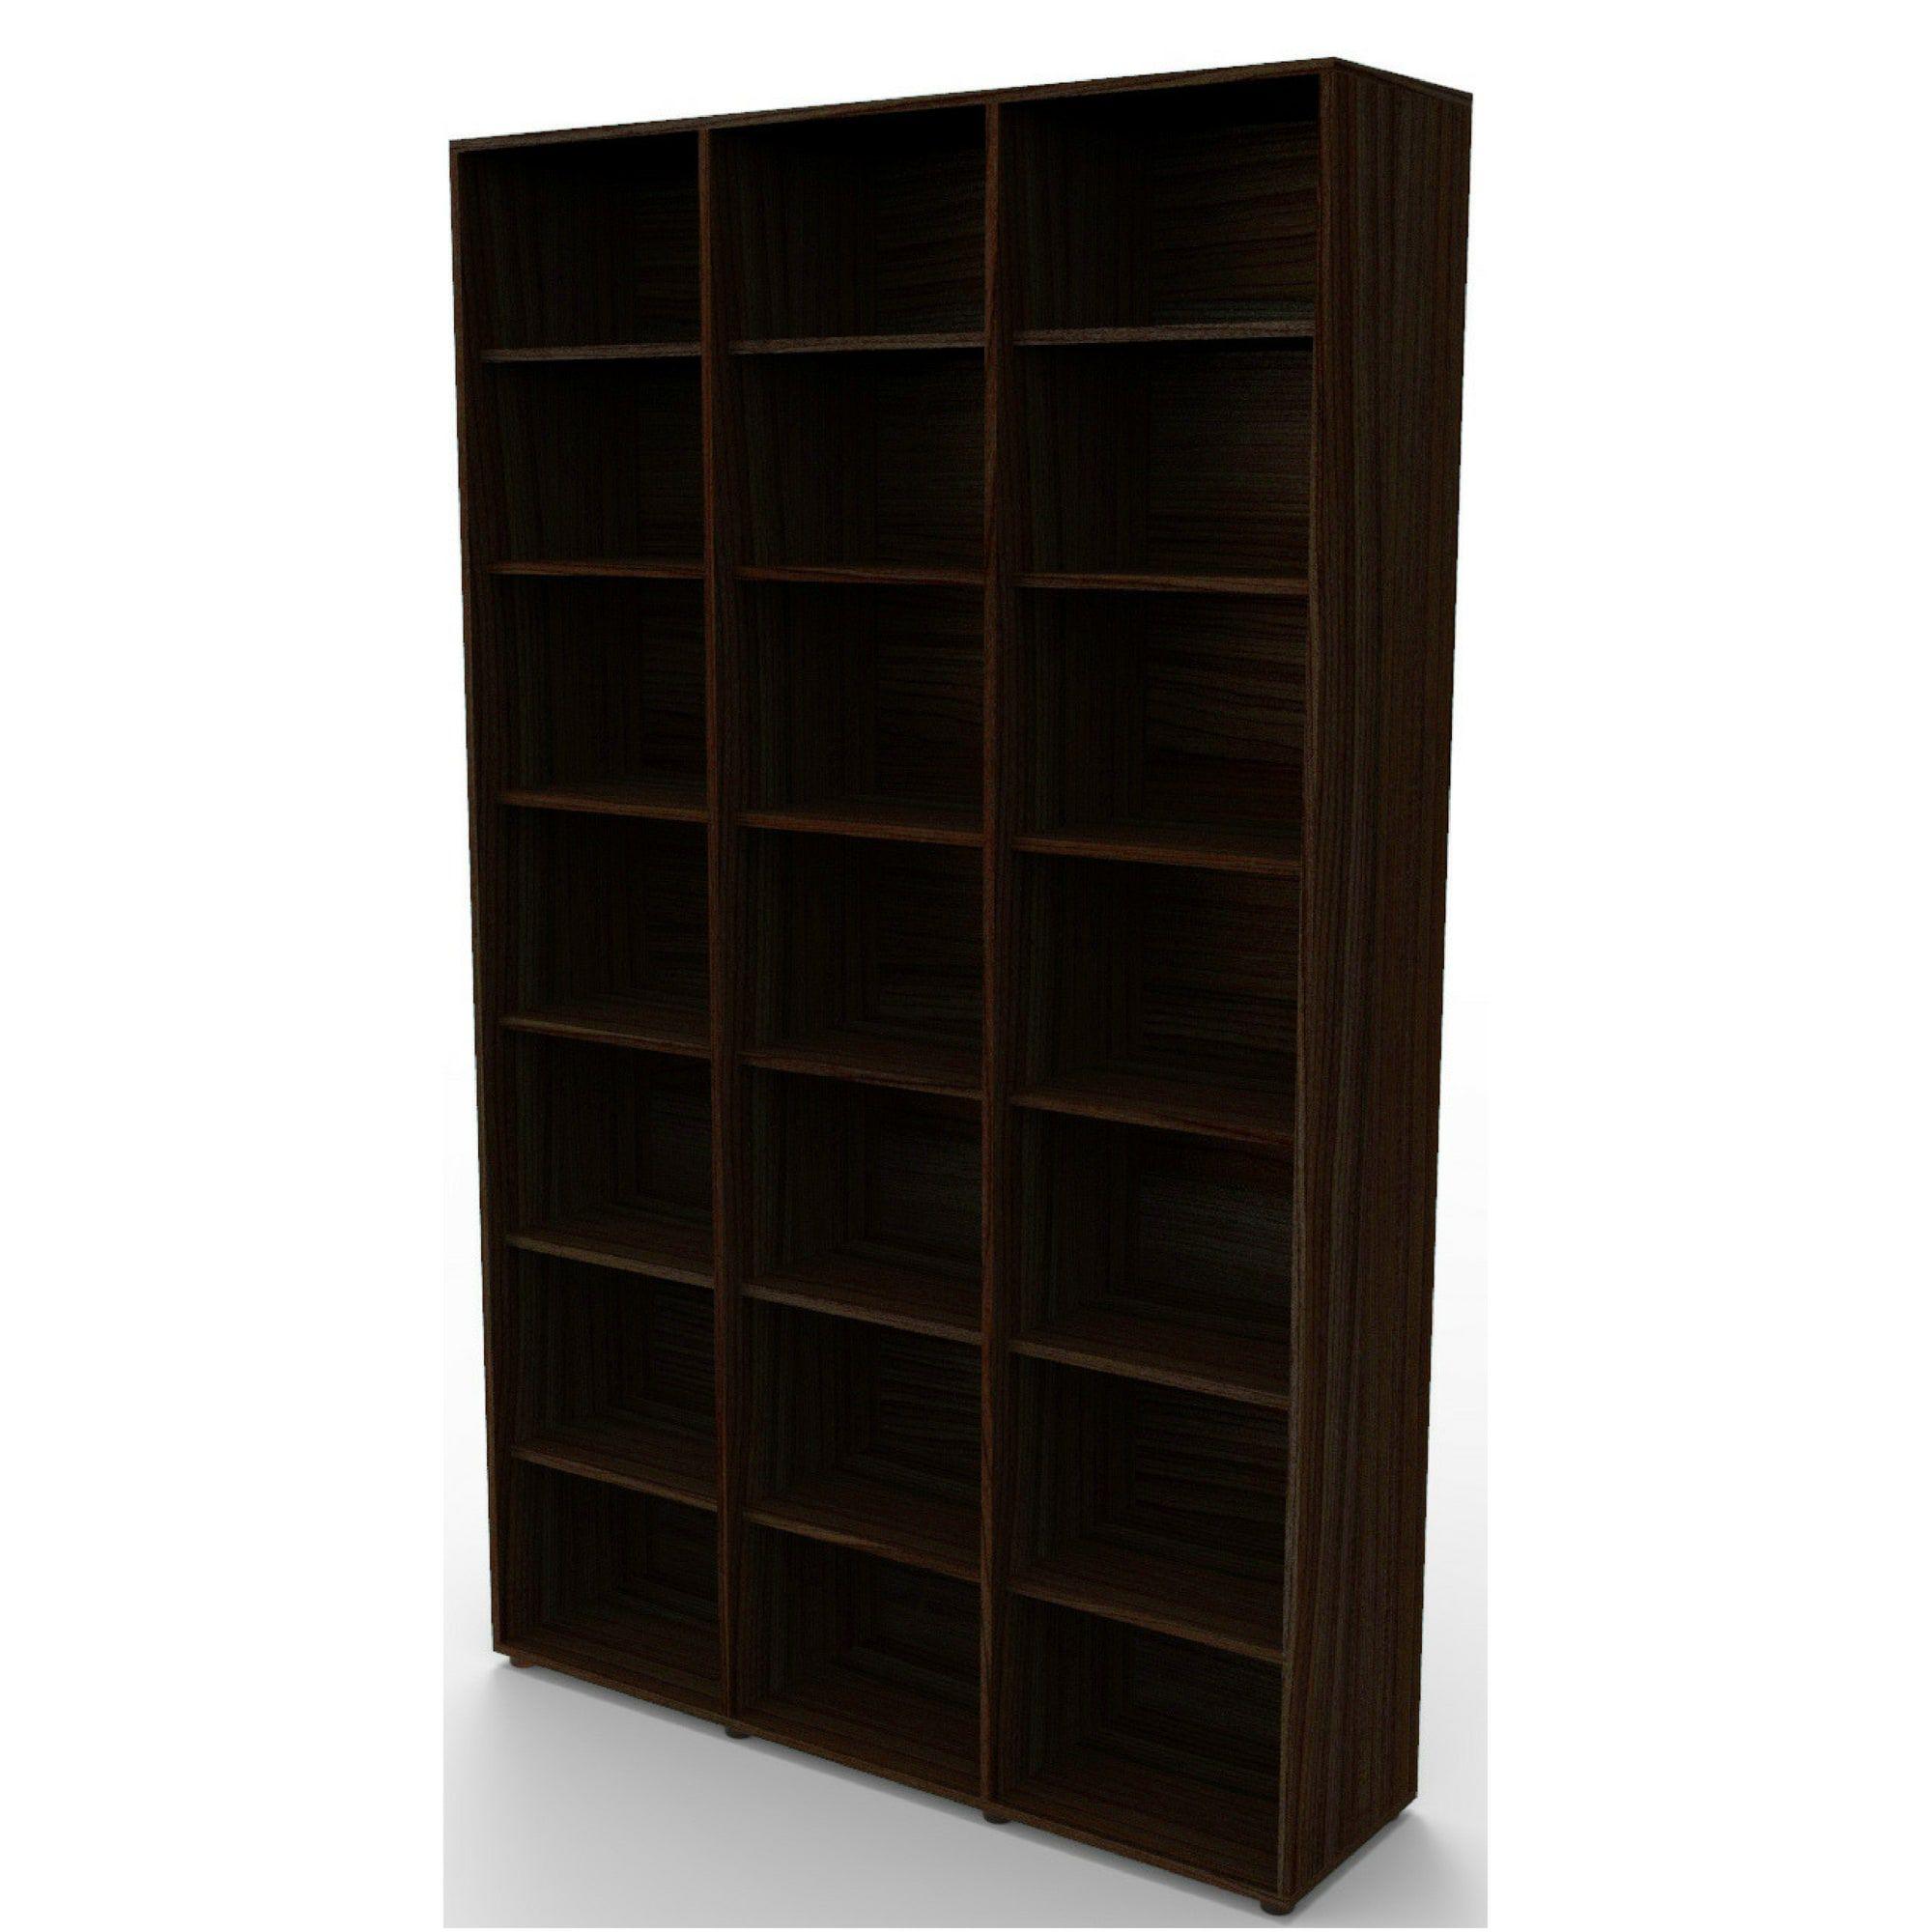 Estante biblioteca para livros bookcase tabaco BK03TB Bürohaus